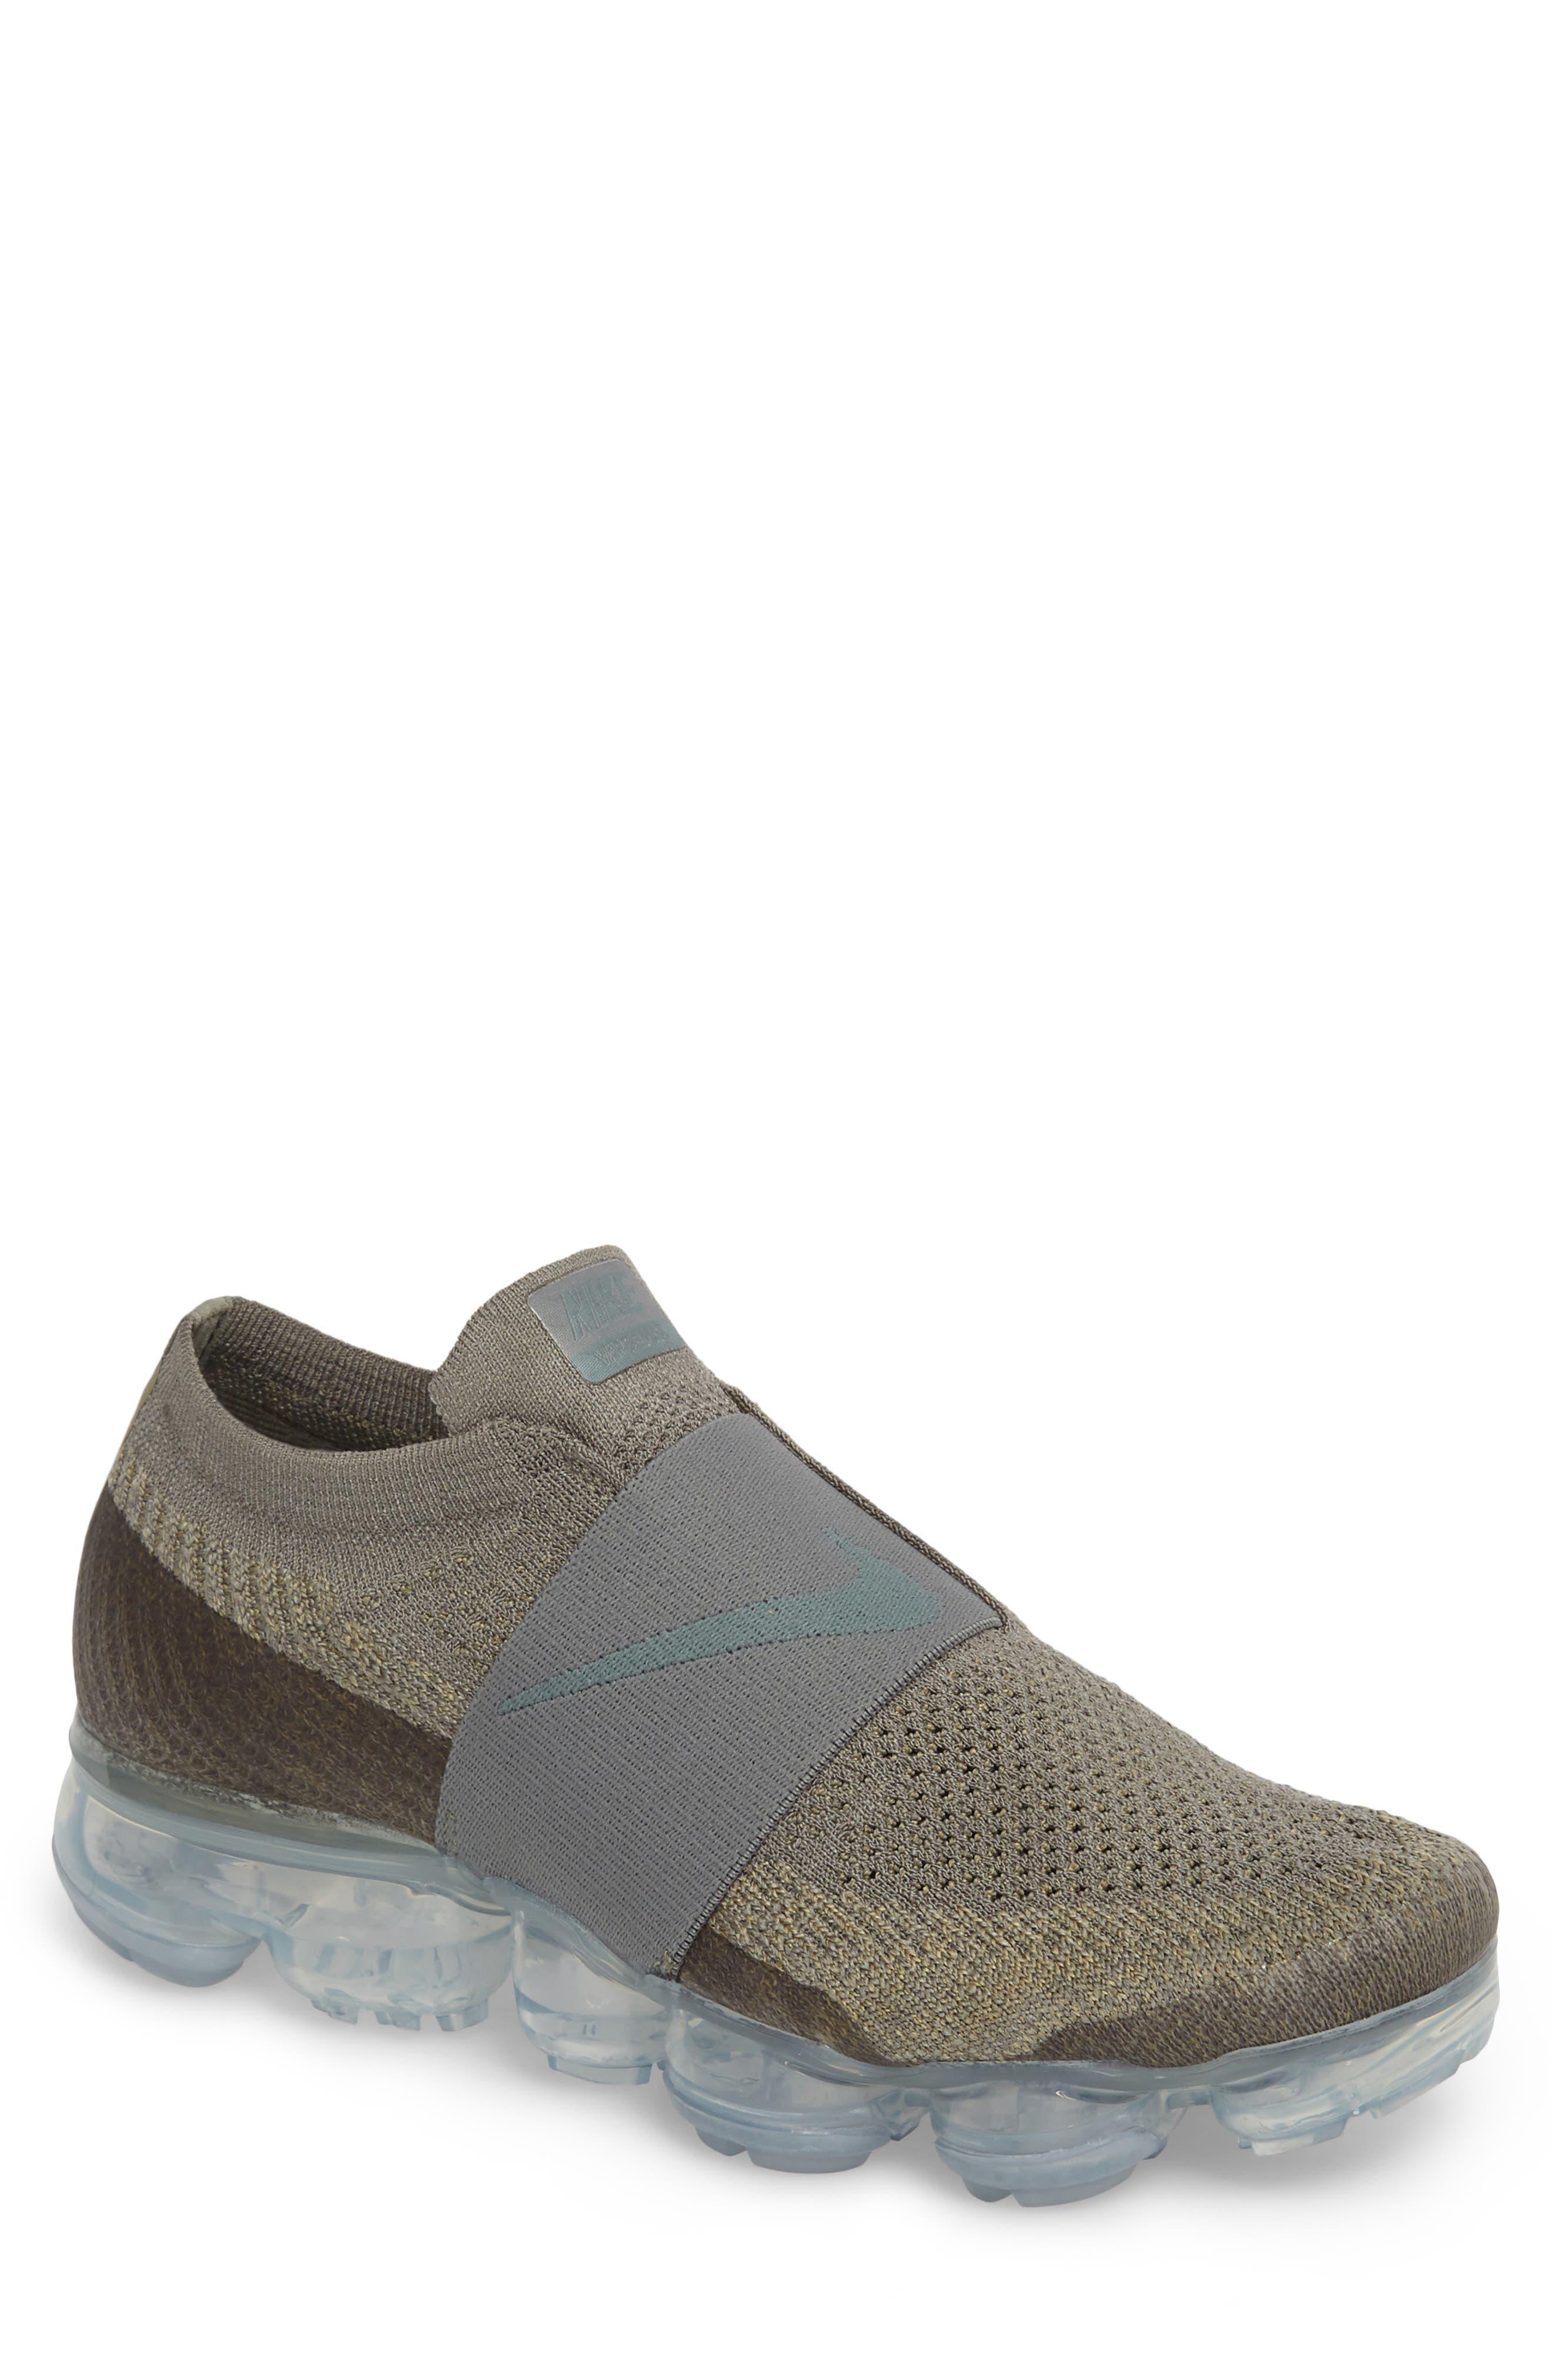 Nike Air VaporMax Flyknit MOC Running Shoe (Women)